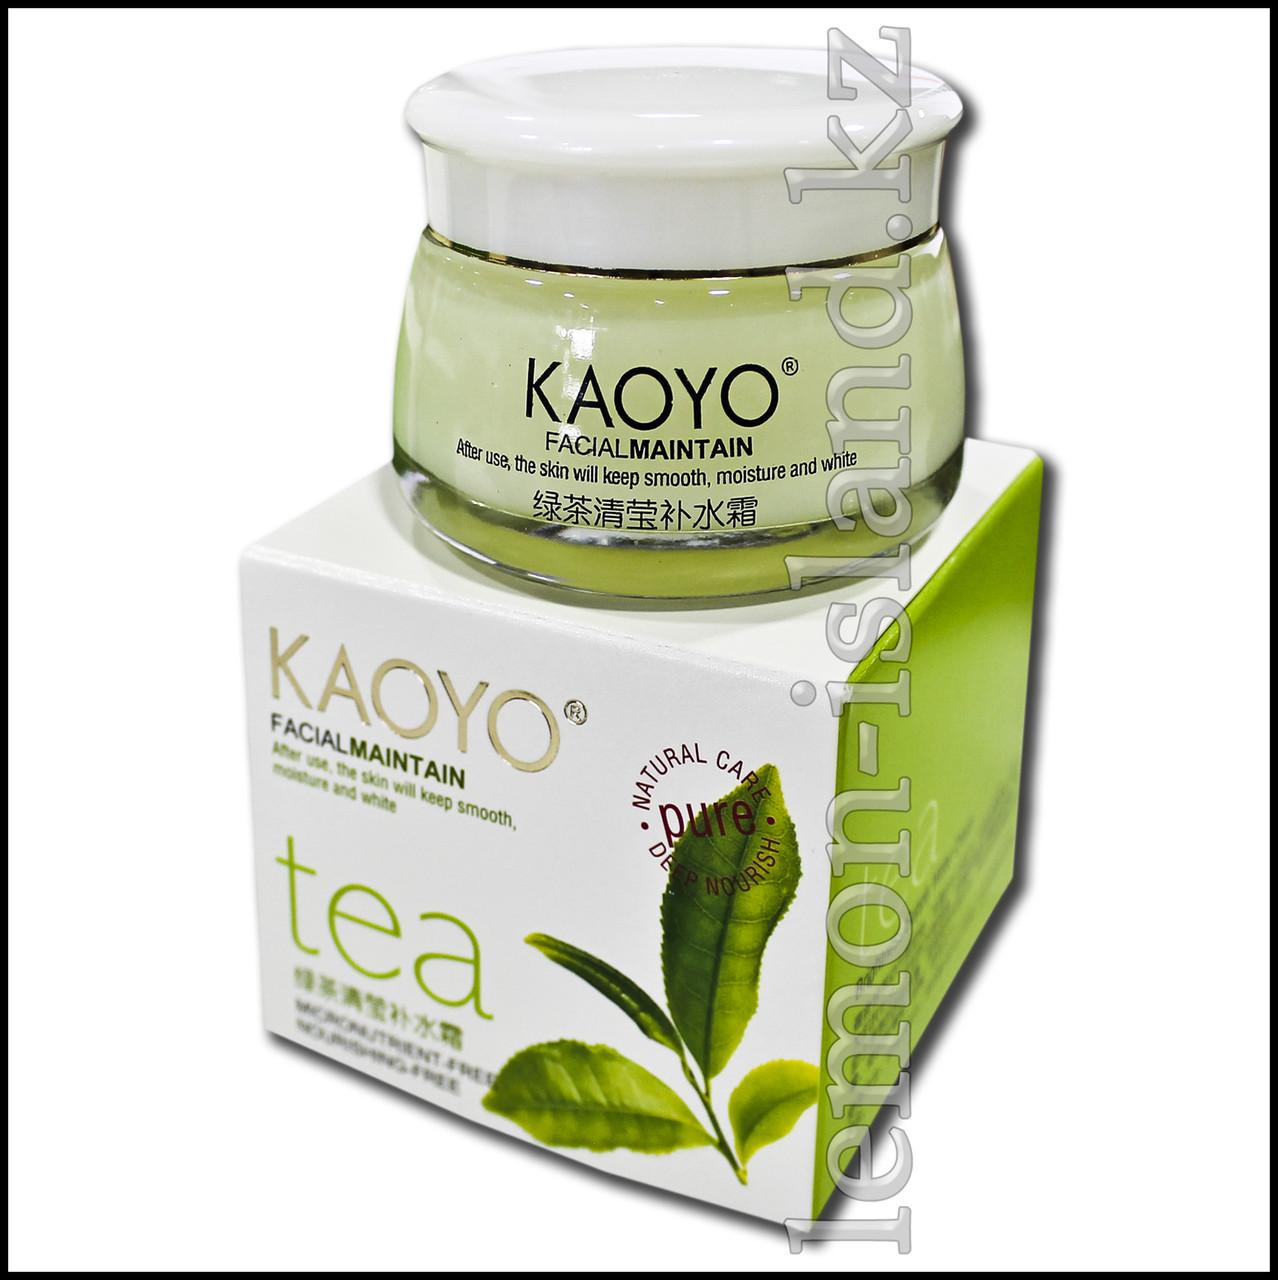 Крем для лица Kaoyo увлажняющий с экстрактом зелёного чая.